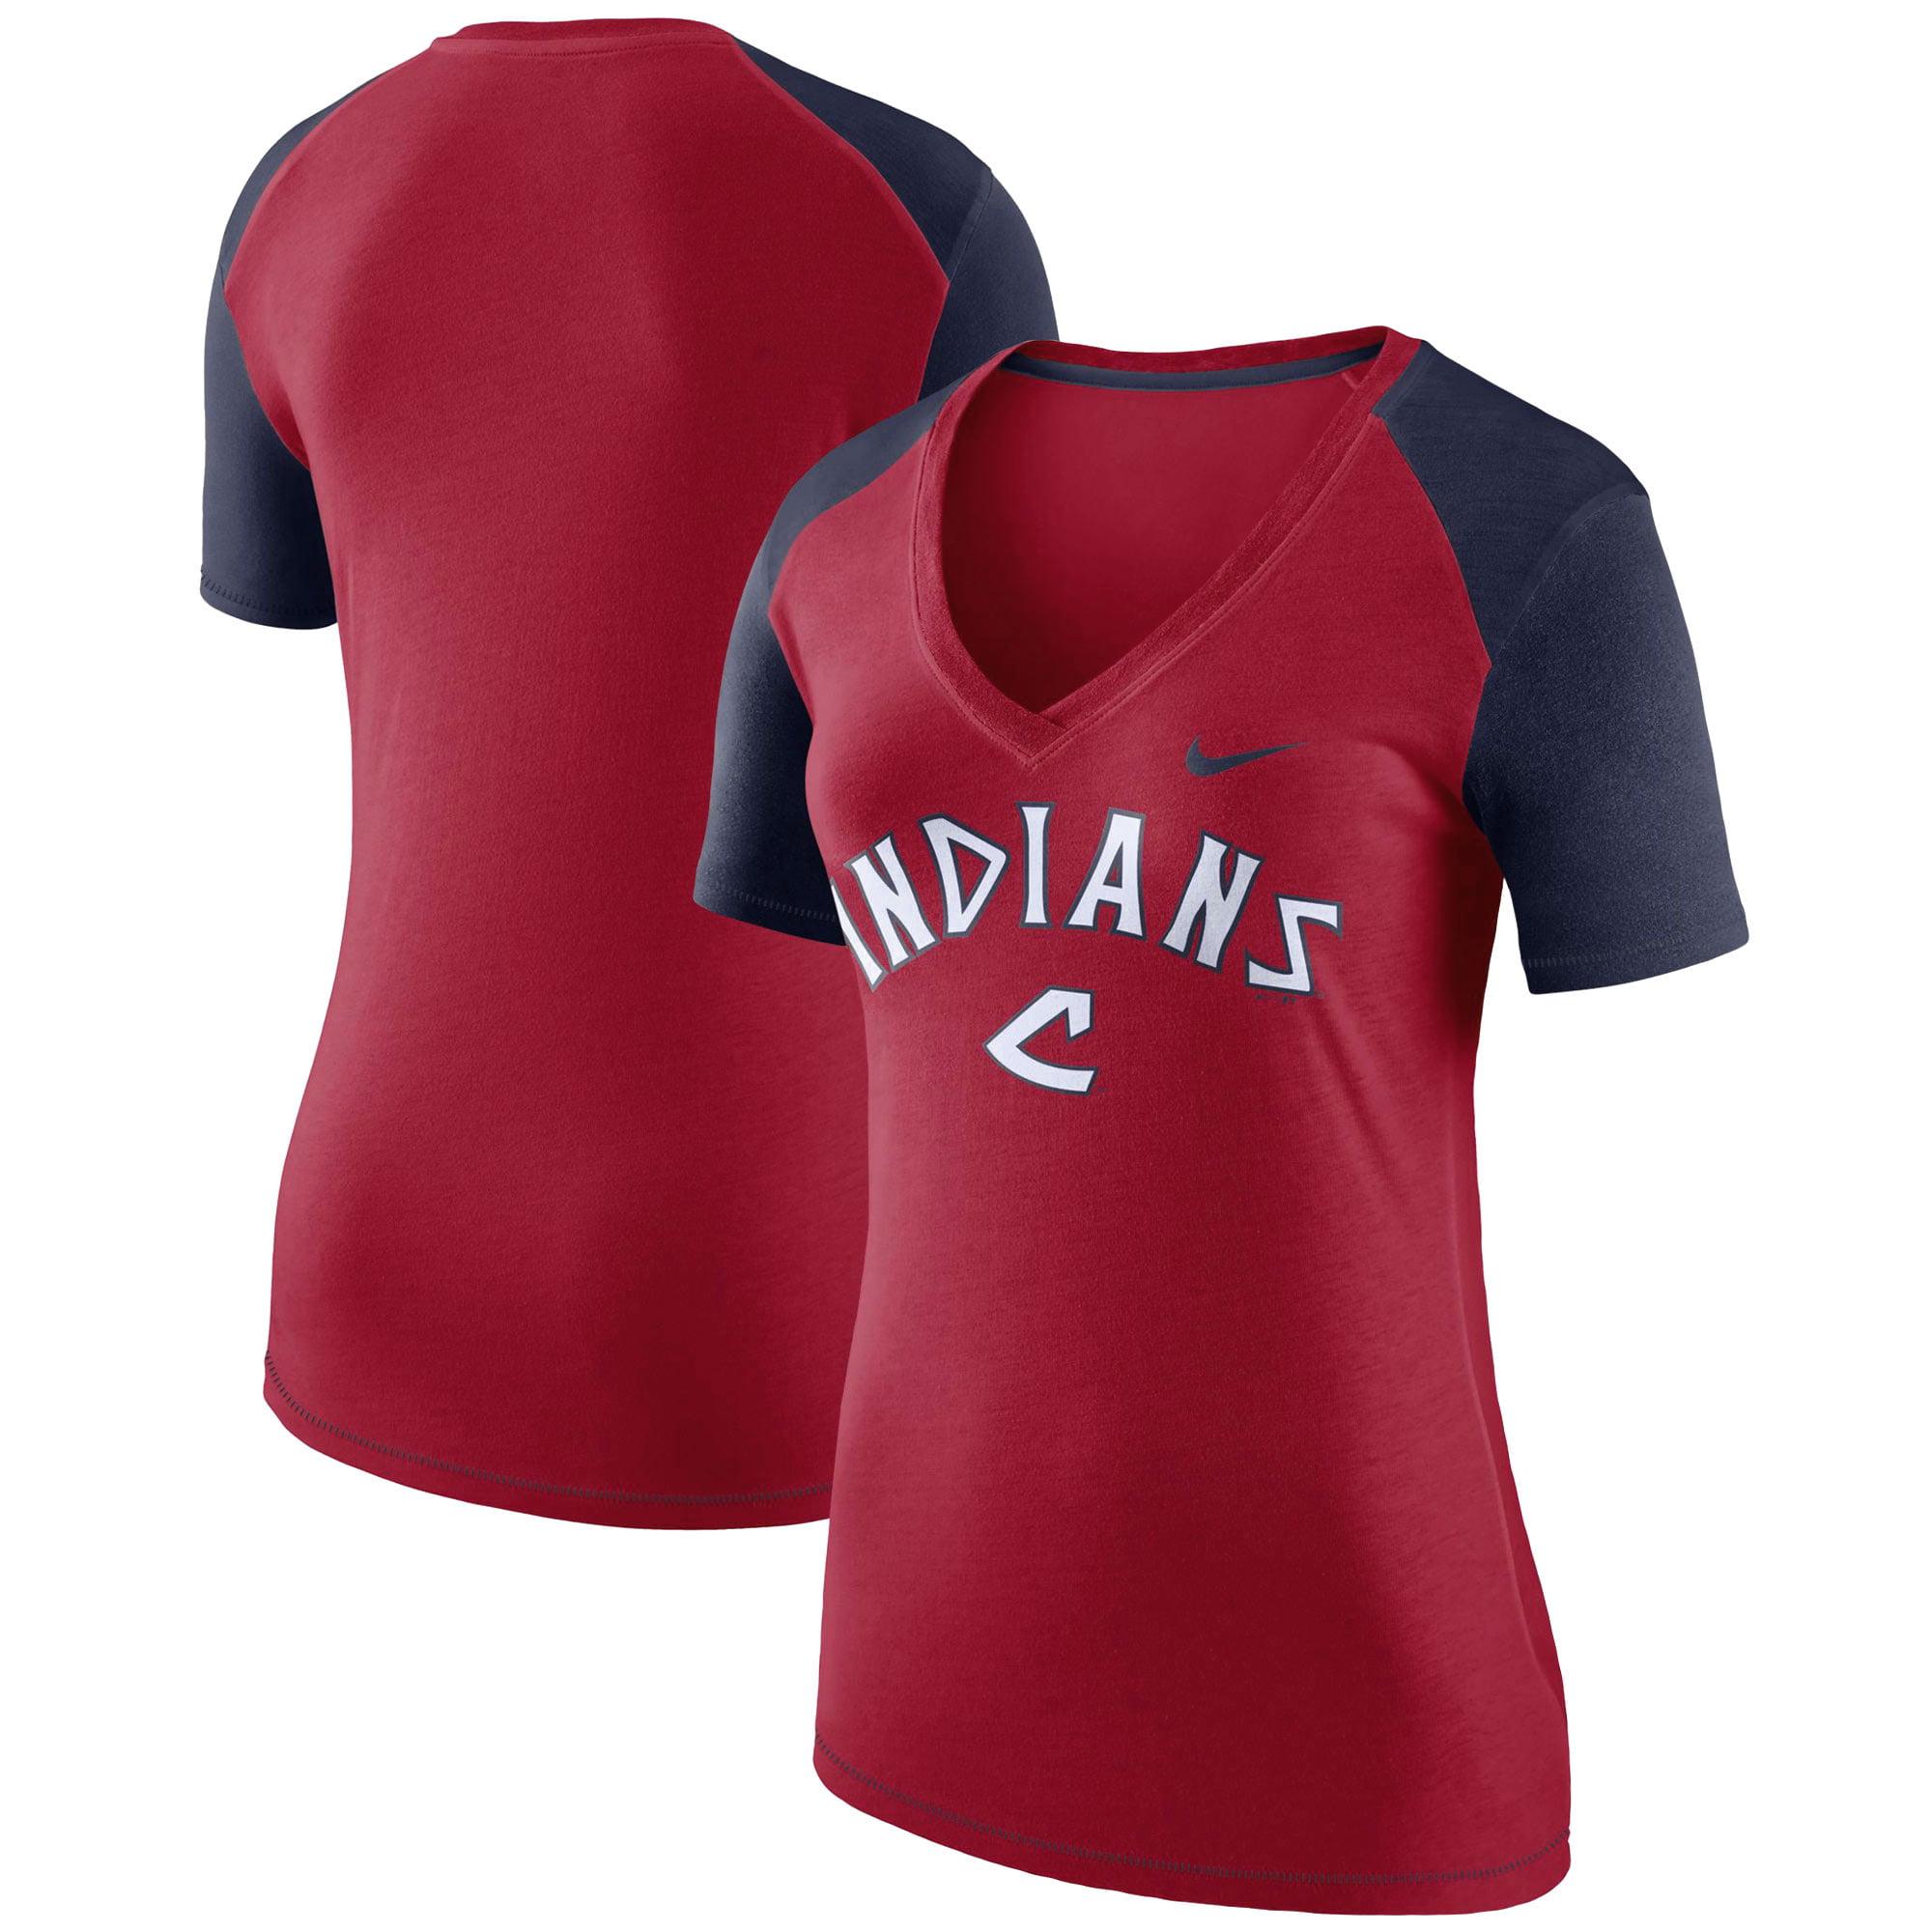 Cleveland Indians Nike Women's V Fan V-Neck T-Shirt - Red/Navy